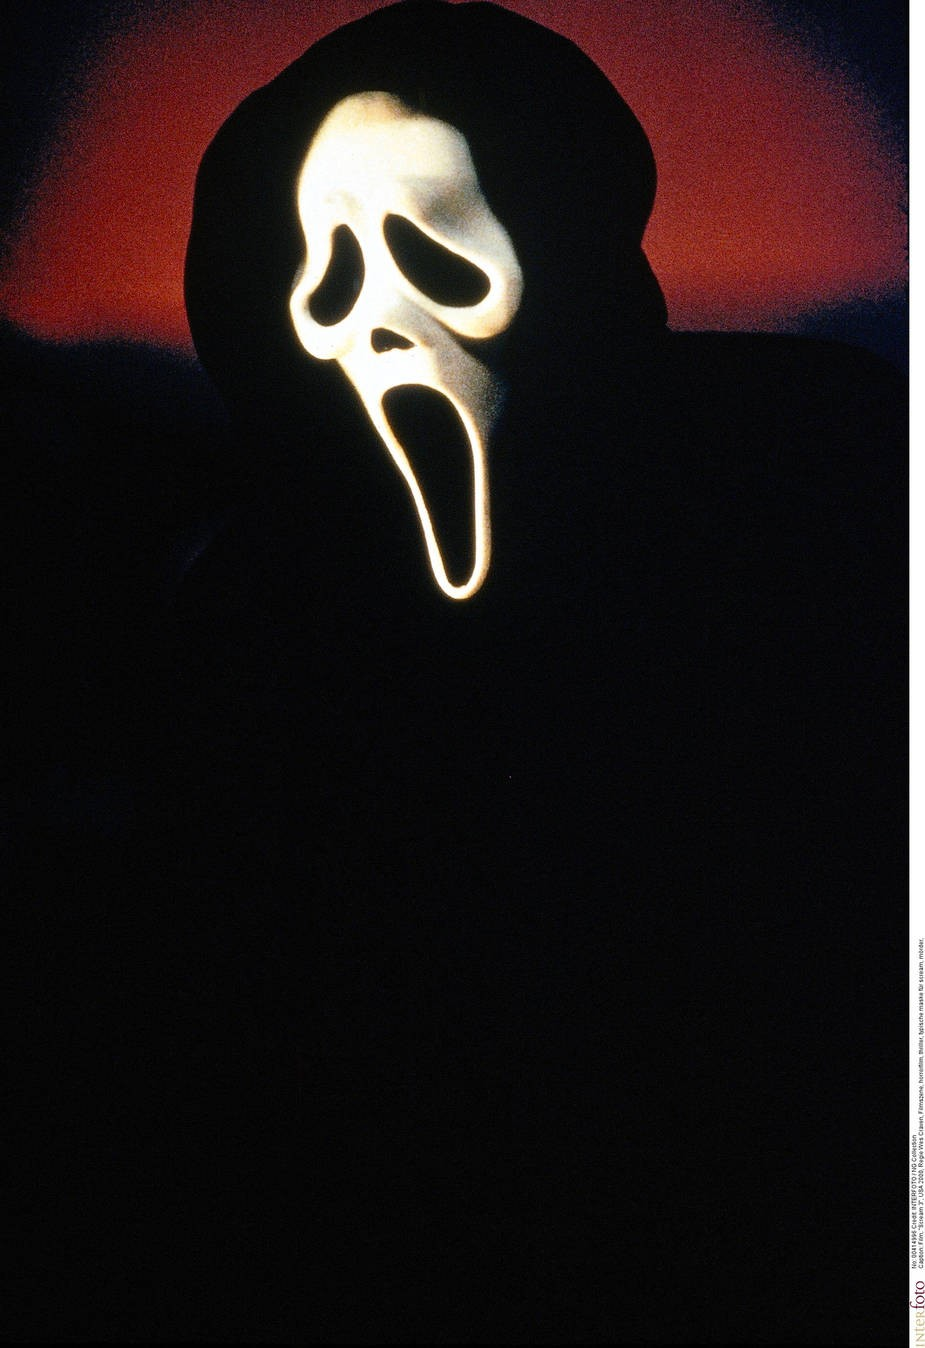 halloween schn schaurig - Bild Wohnzimmer Erschrecken